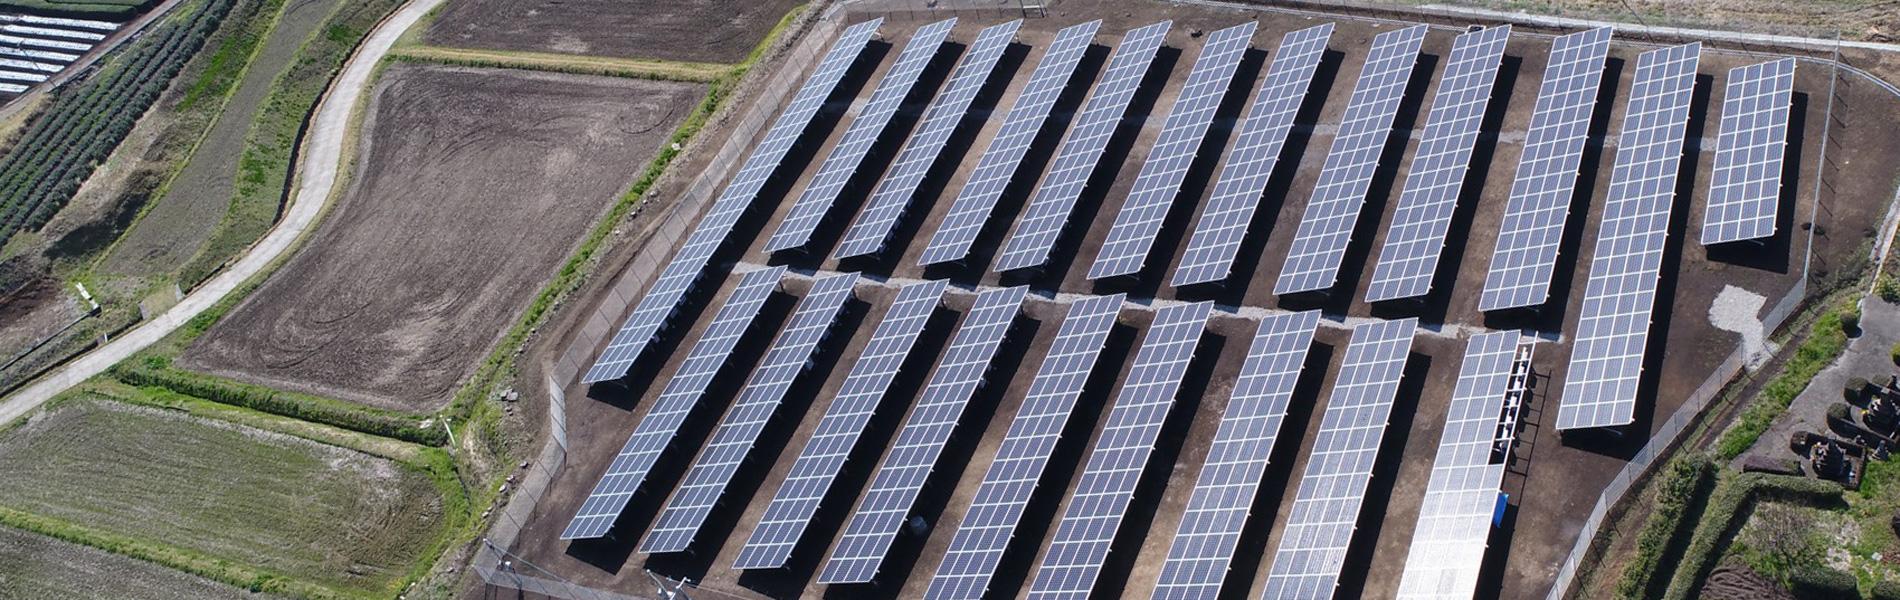 太陽の国・宮崎ならではの高利回りソーラー投資!施工直販の正英電機